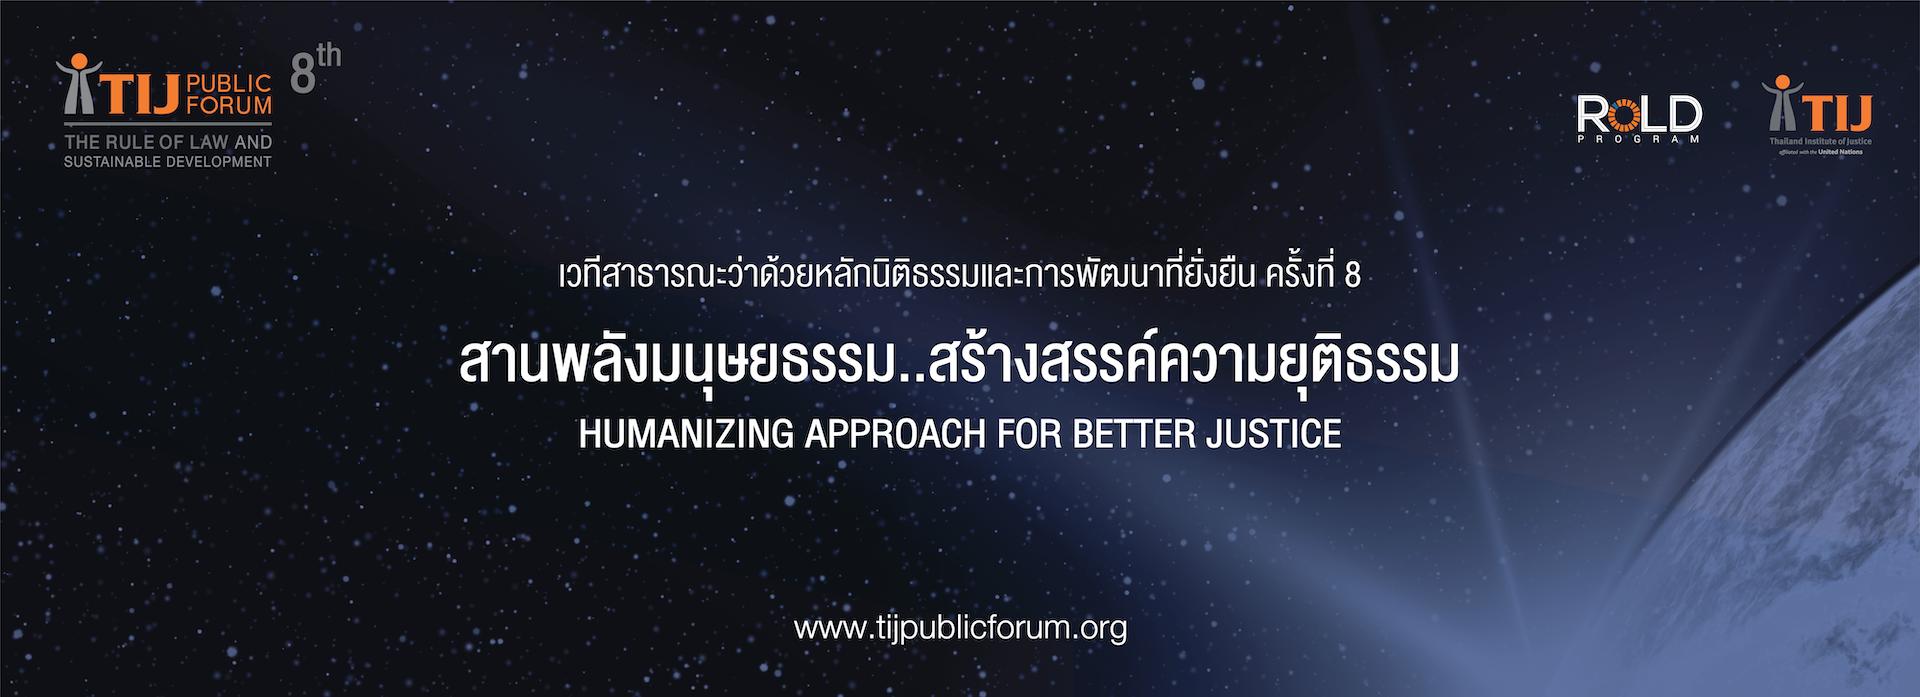 Public forum8